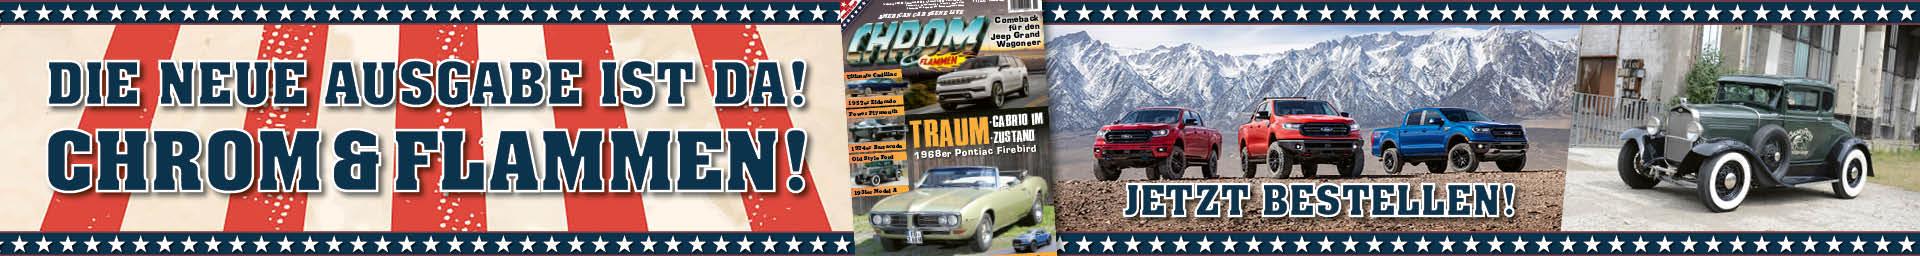 CHROM&FLAMMEN 11/2020